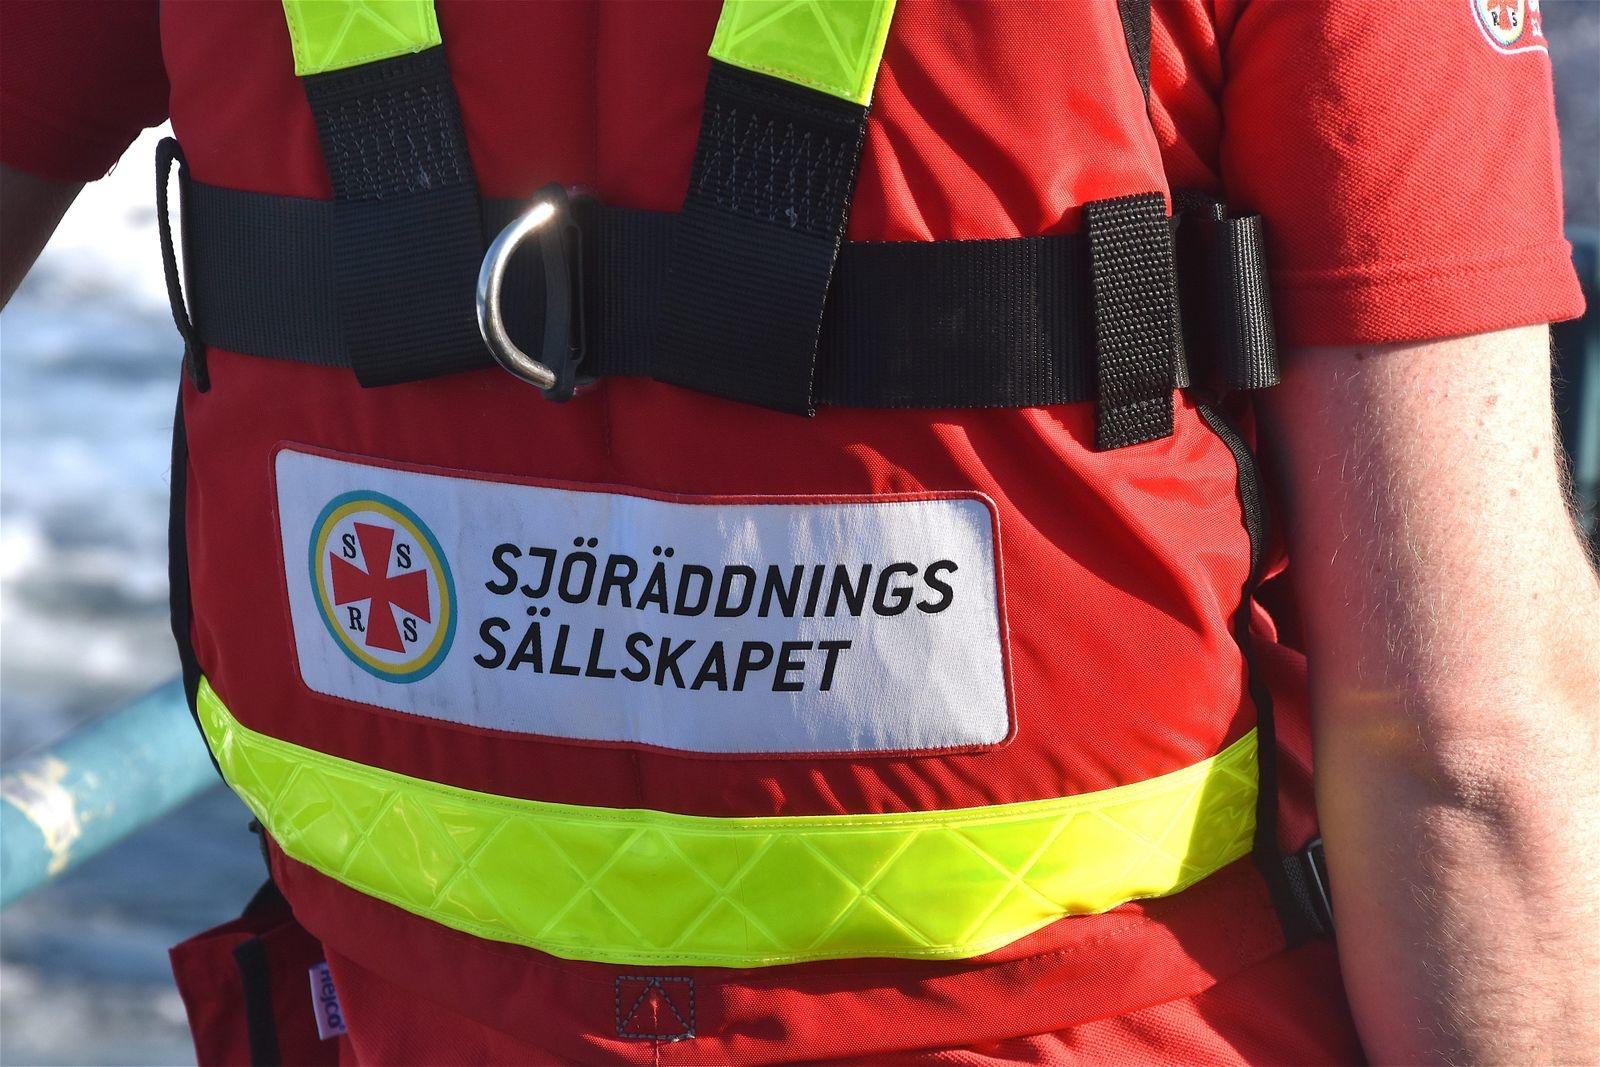 Tillsammans med grannstationerna i Kivik och Ystad rycker Sjöräddningssällskapets station i Skillinge ut på räddningsinsatserna längs Österlens kust.